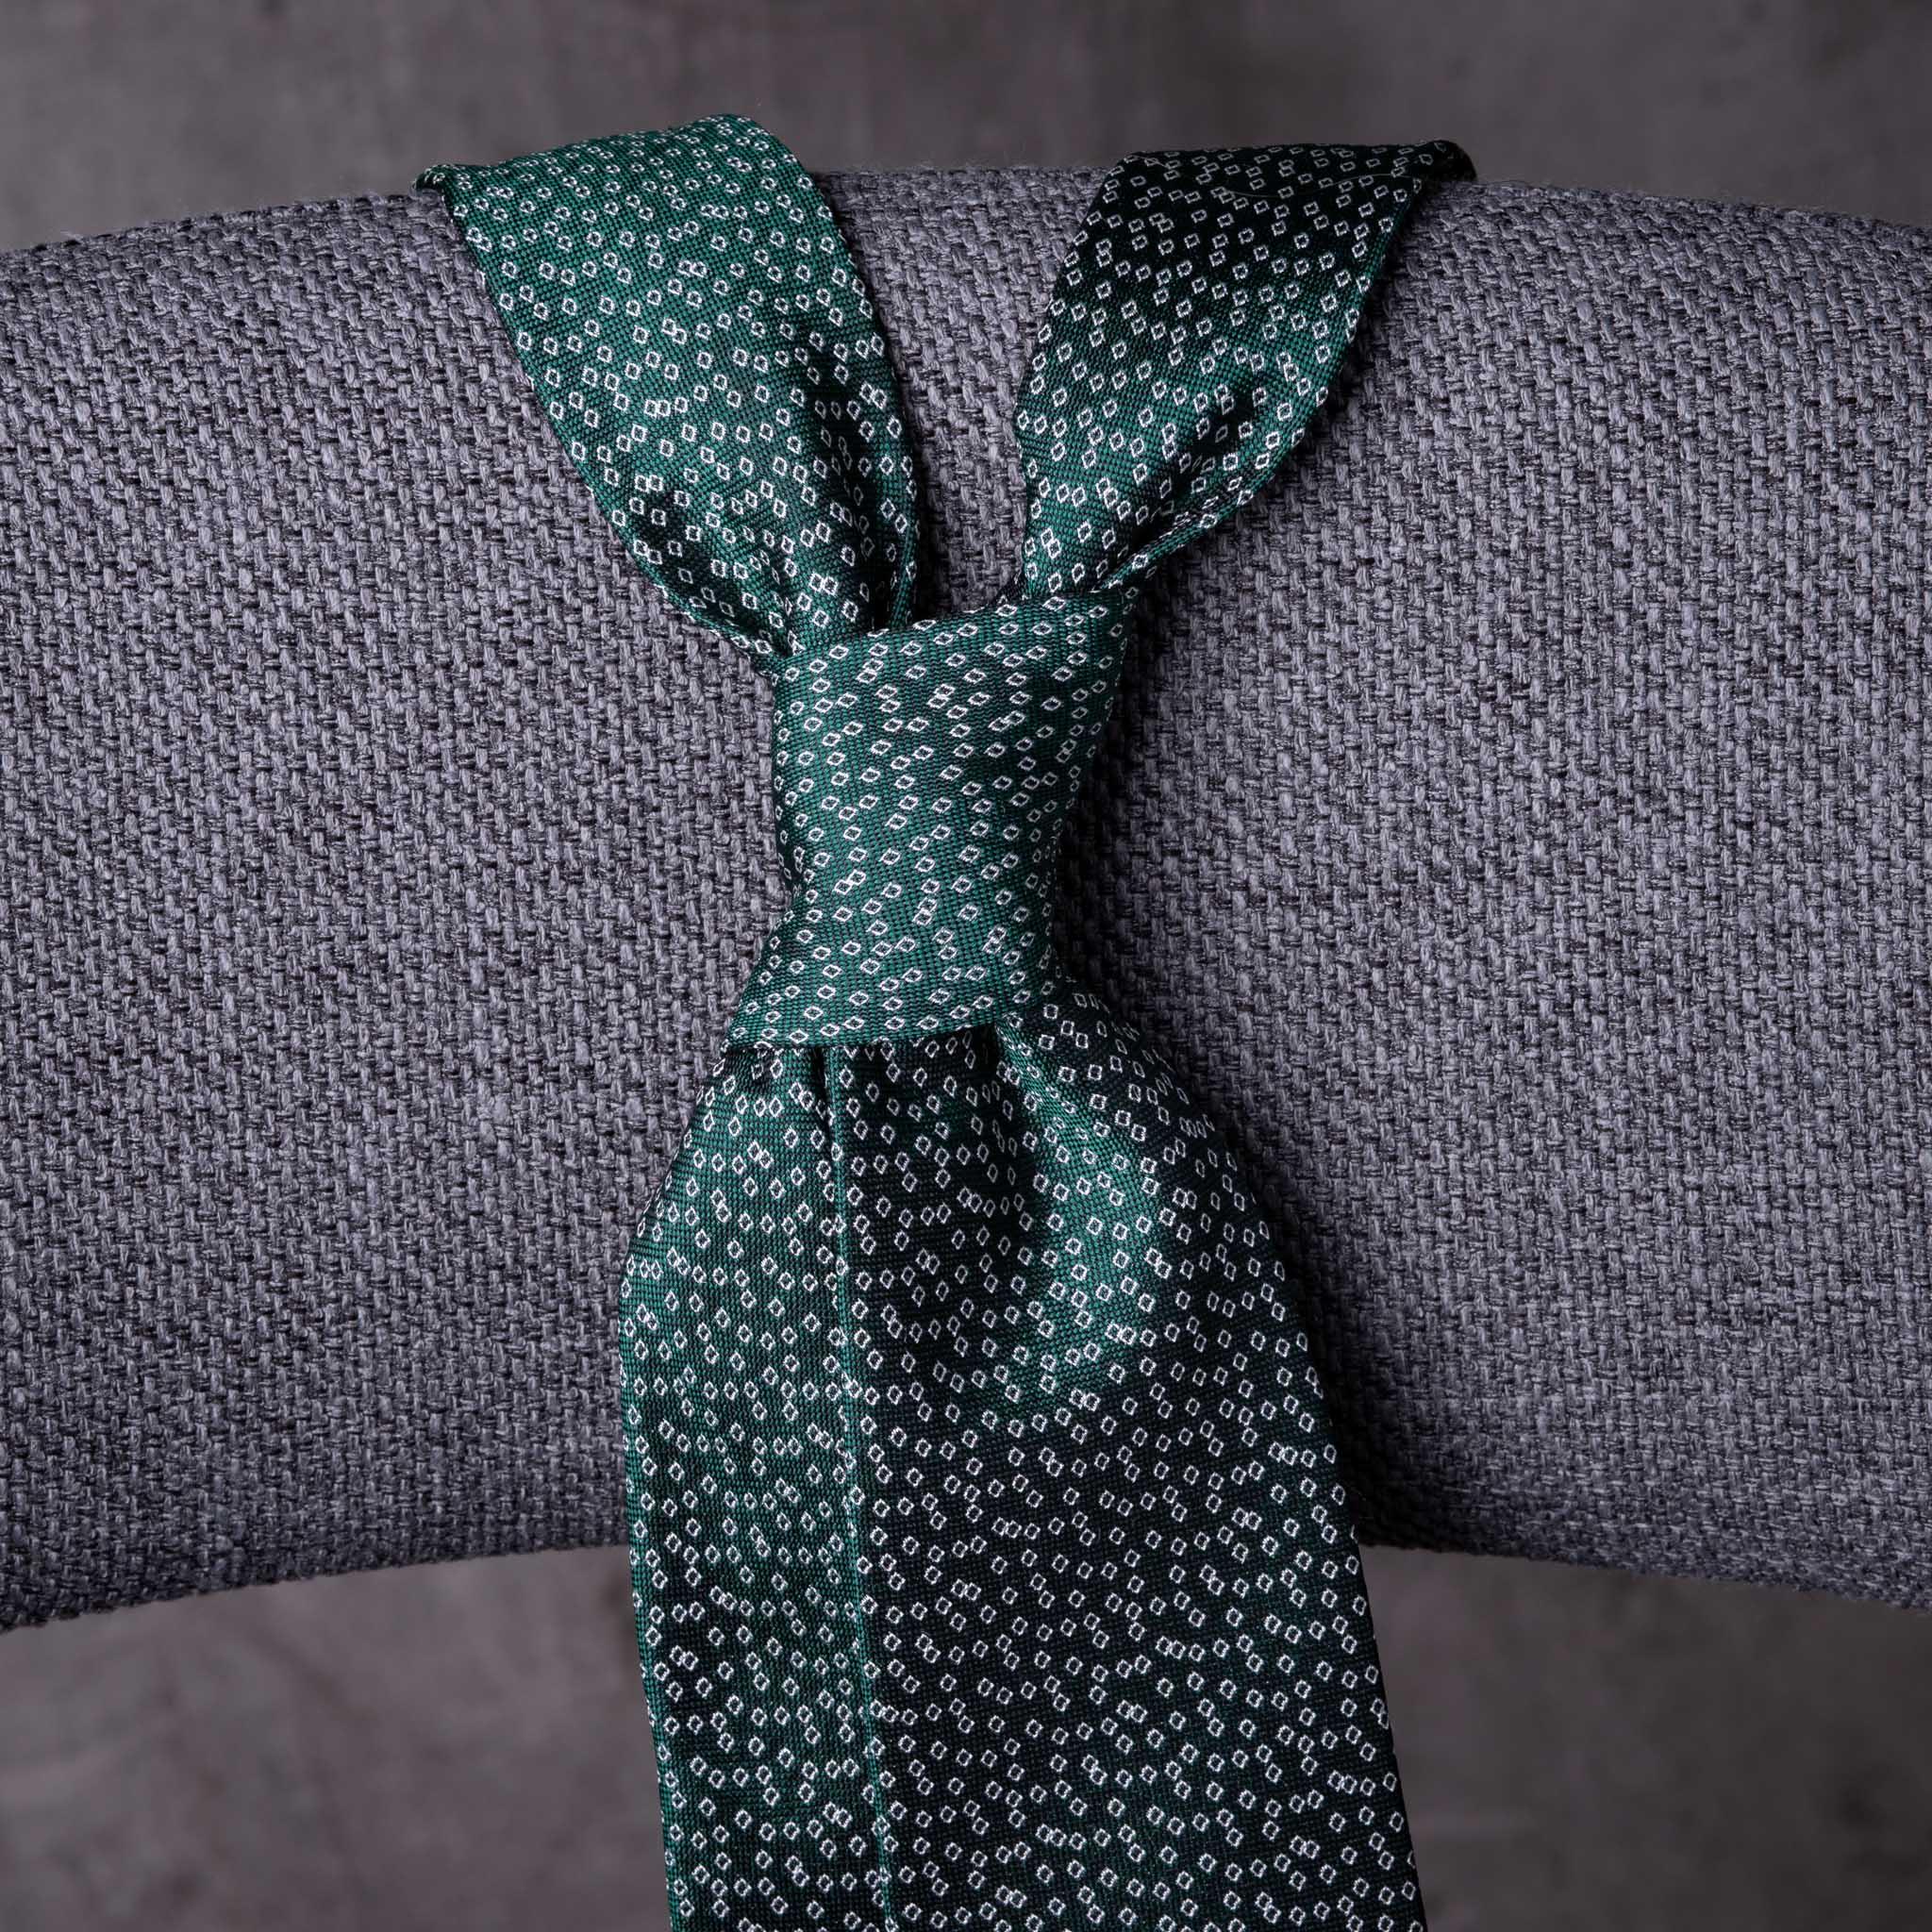 JACQUARD-0507-Tie-Initials-Corbata-Iniciales-The-Seelk-4